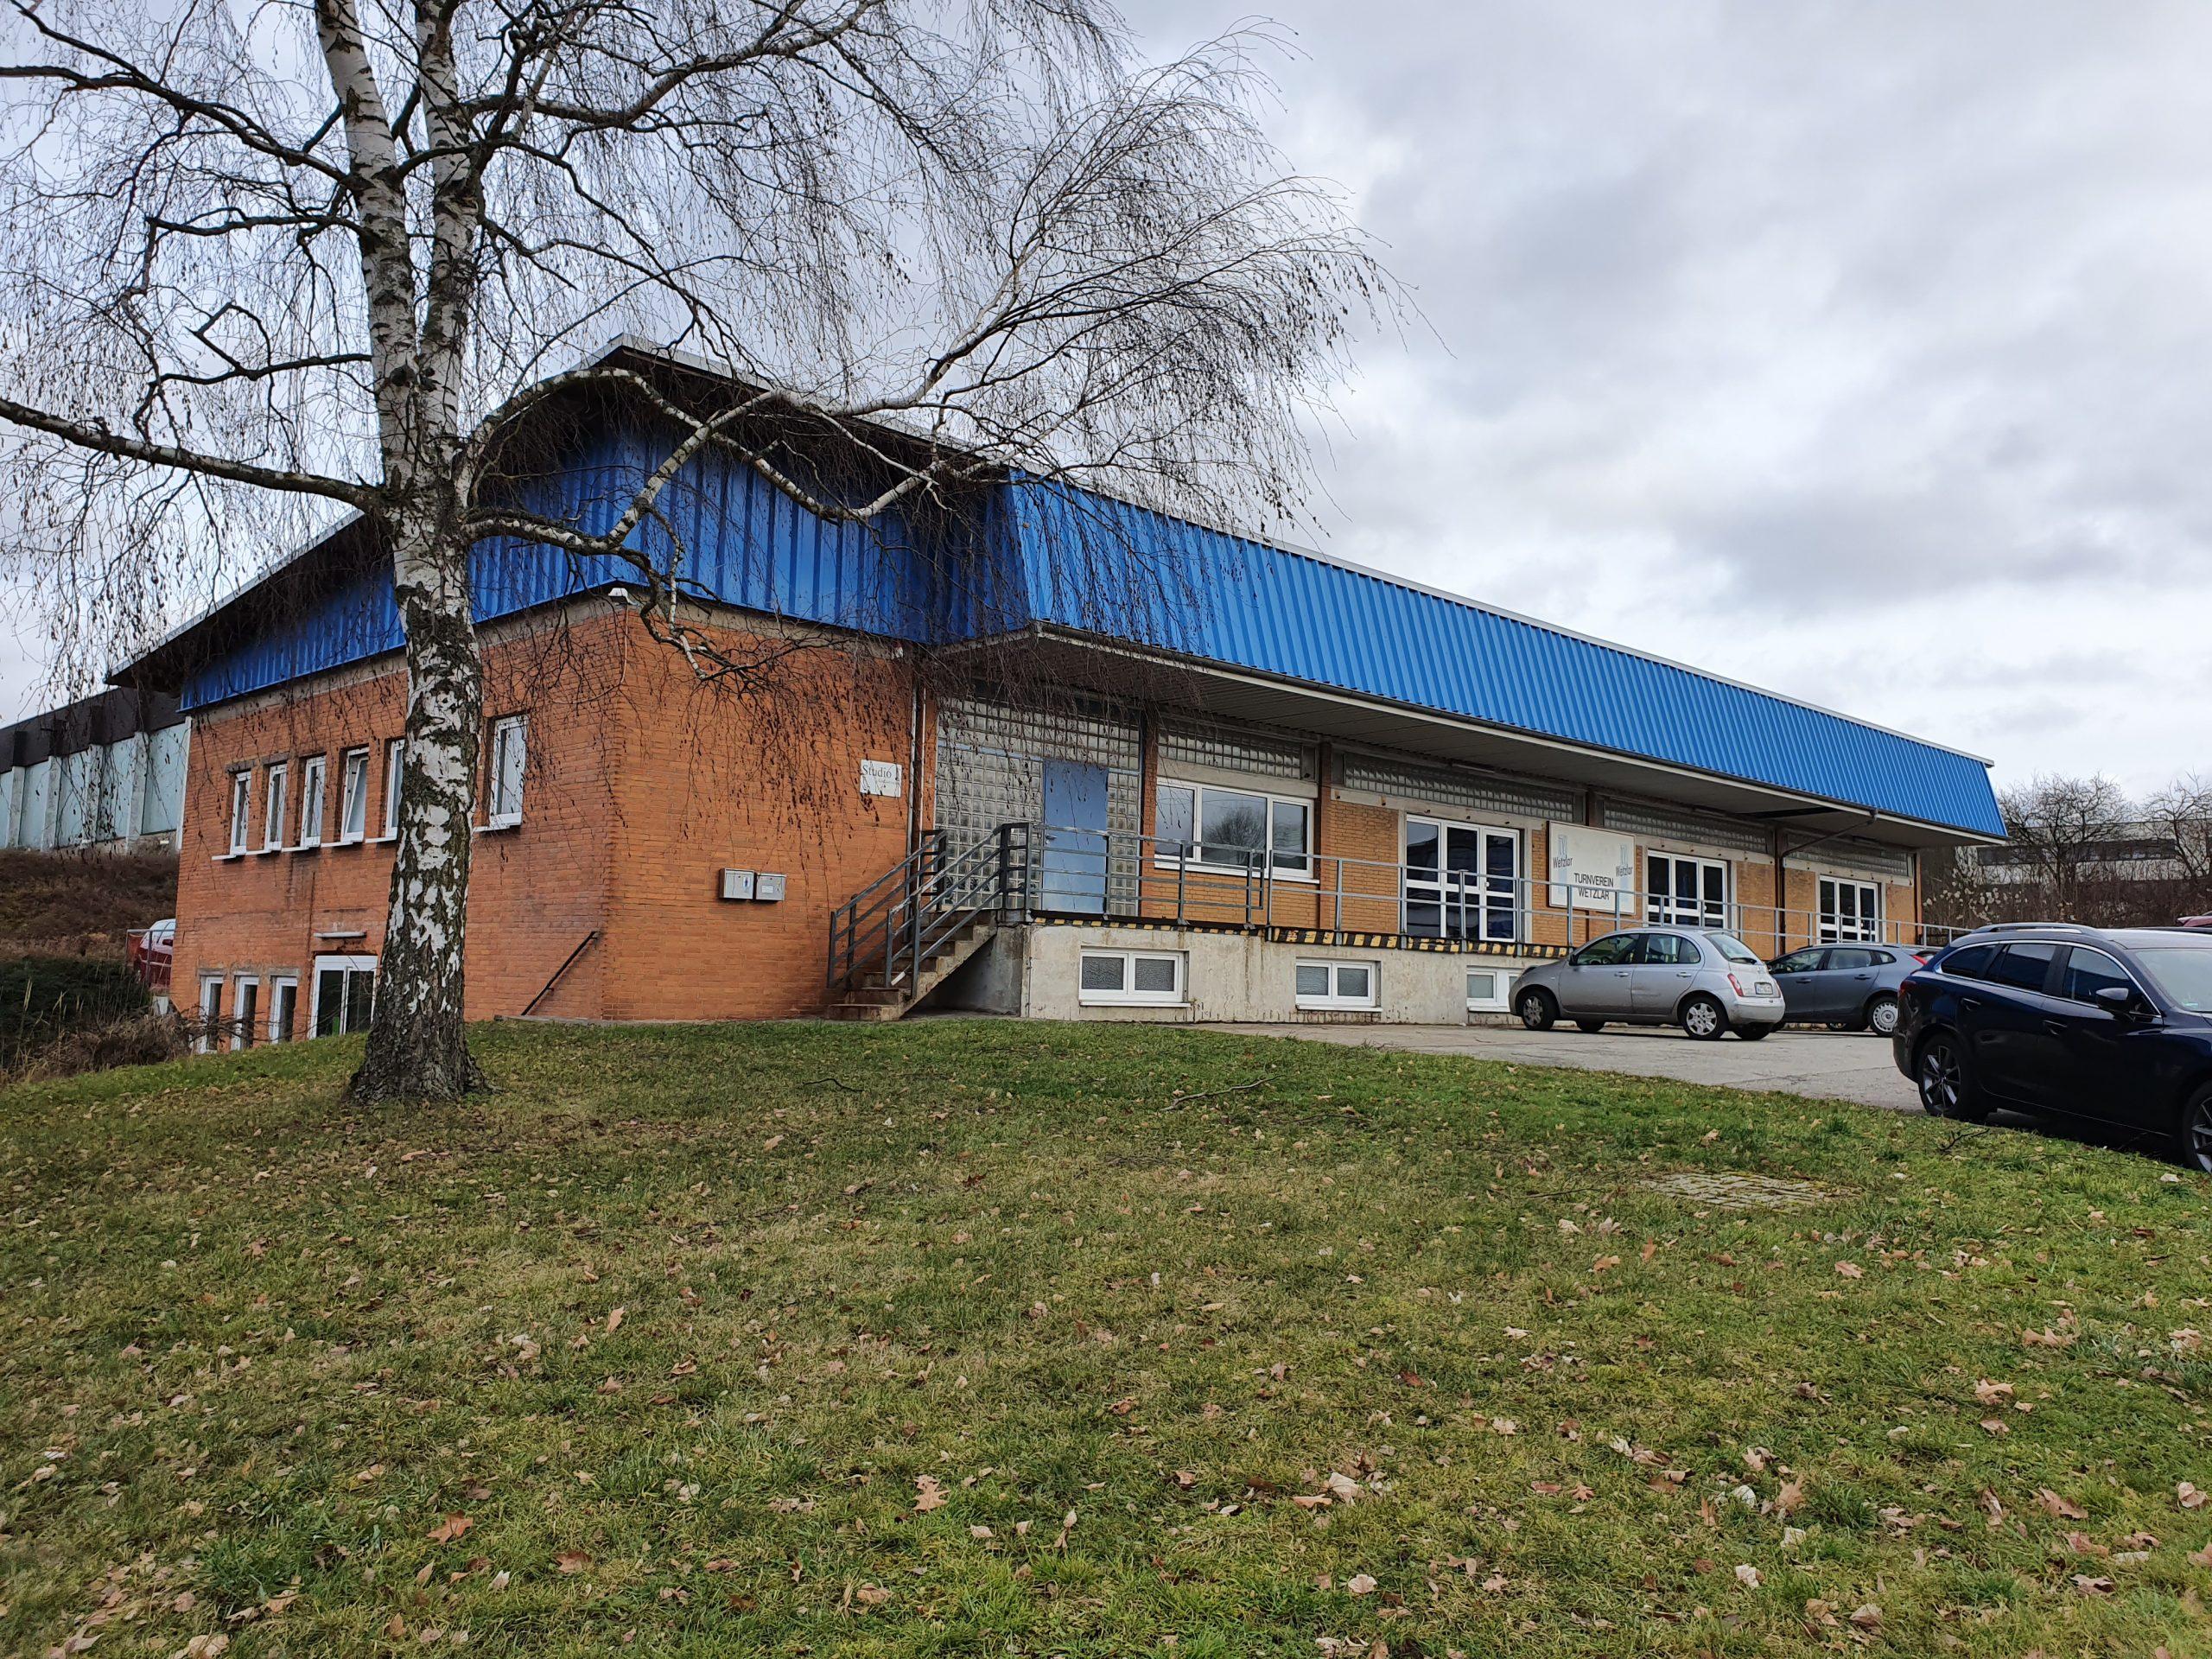 TV_Wetzlar-Gebäude mit Studio 1 - 3